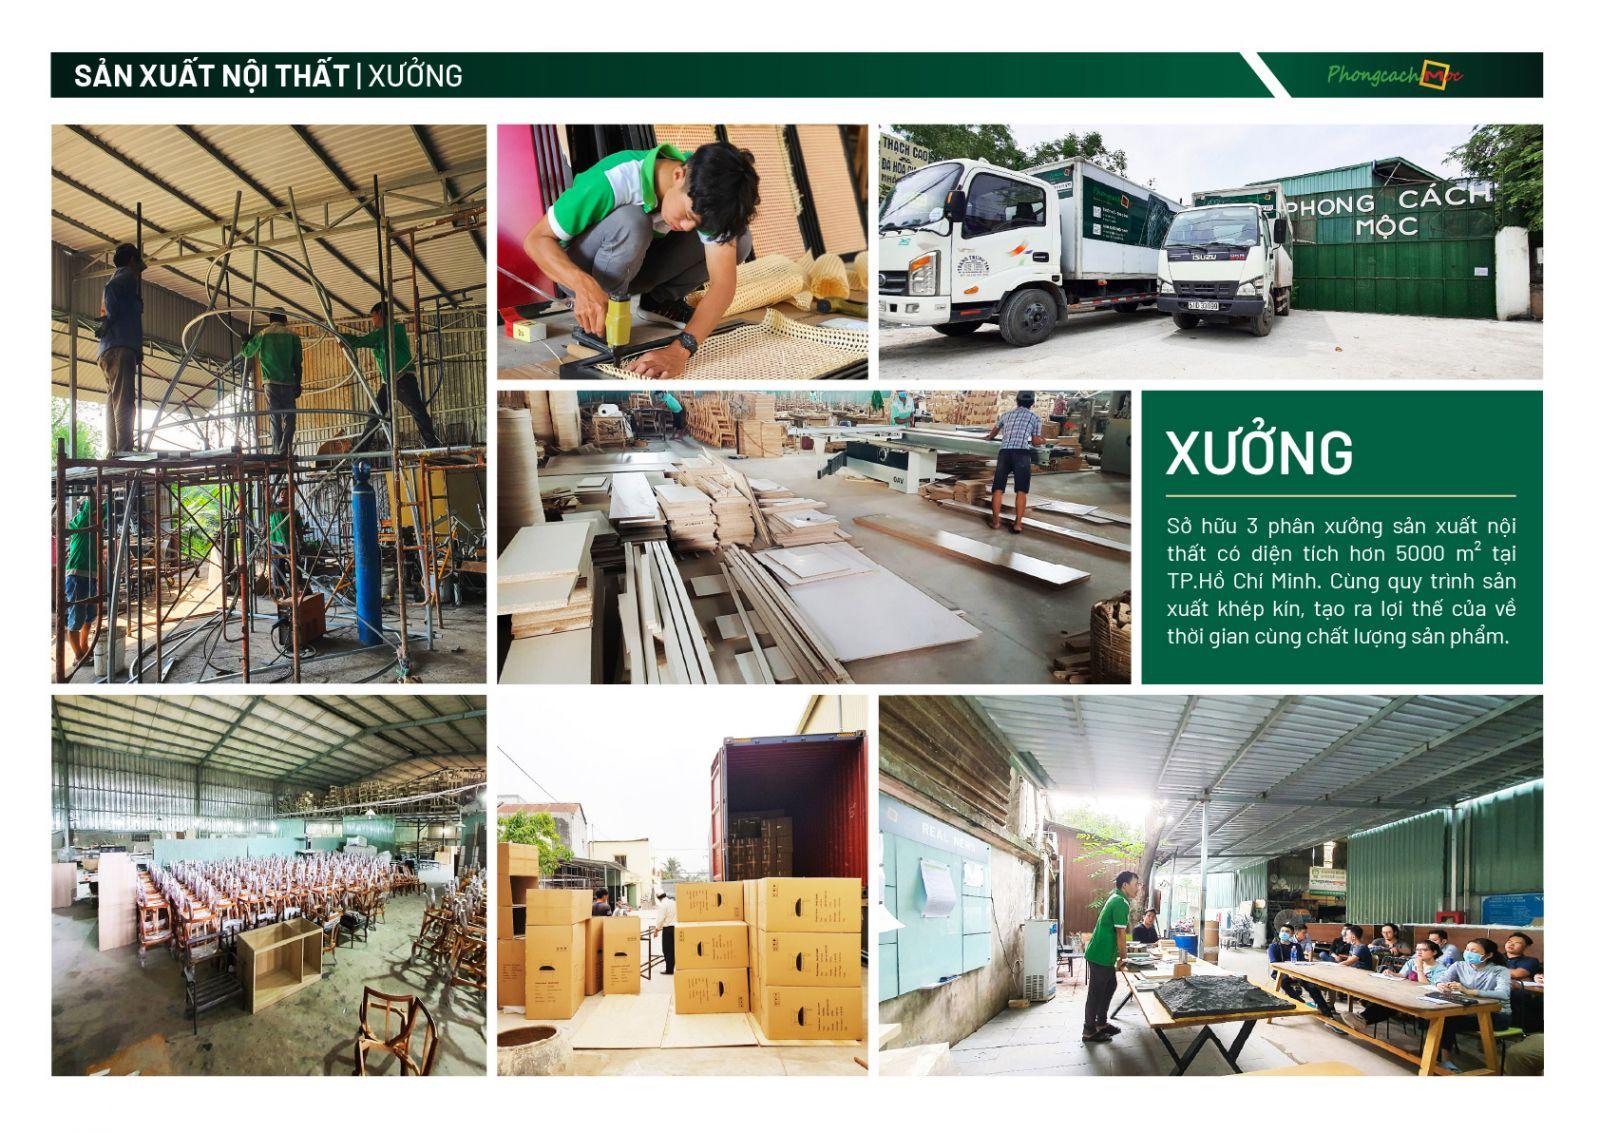 Xưởng sản xuất nội thất Phong Cách Mộc